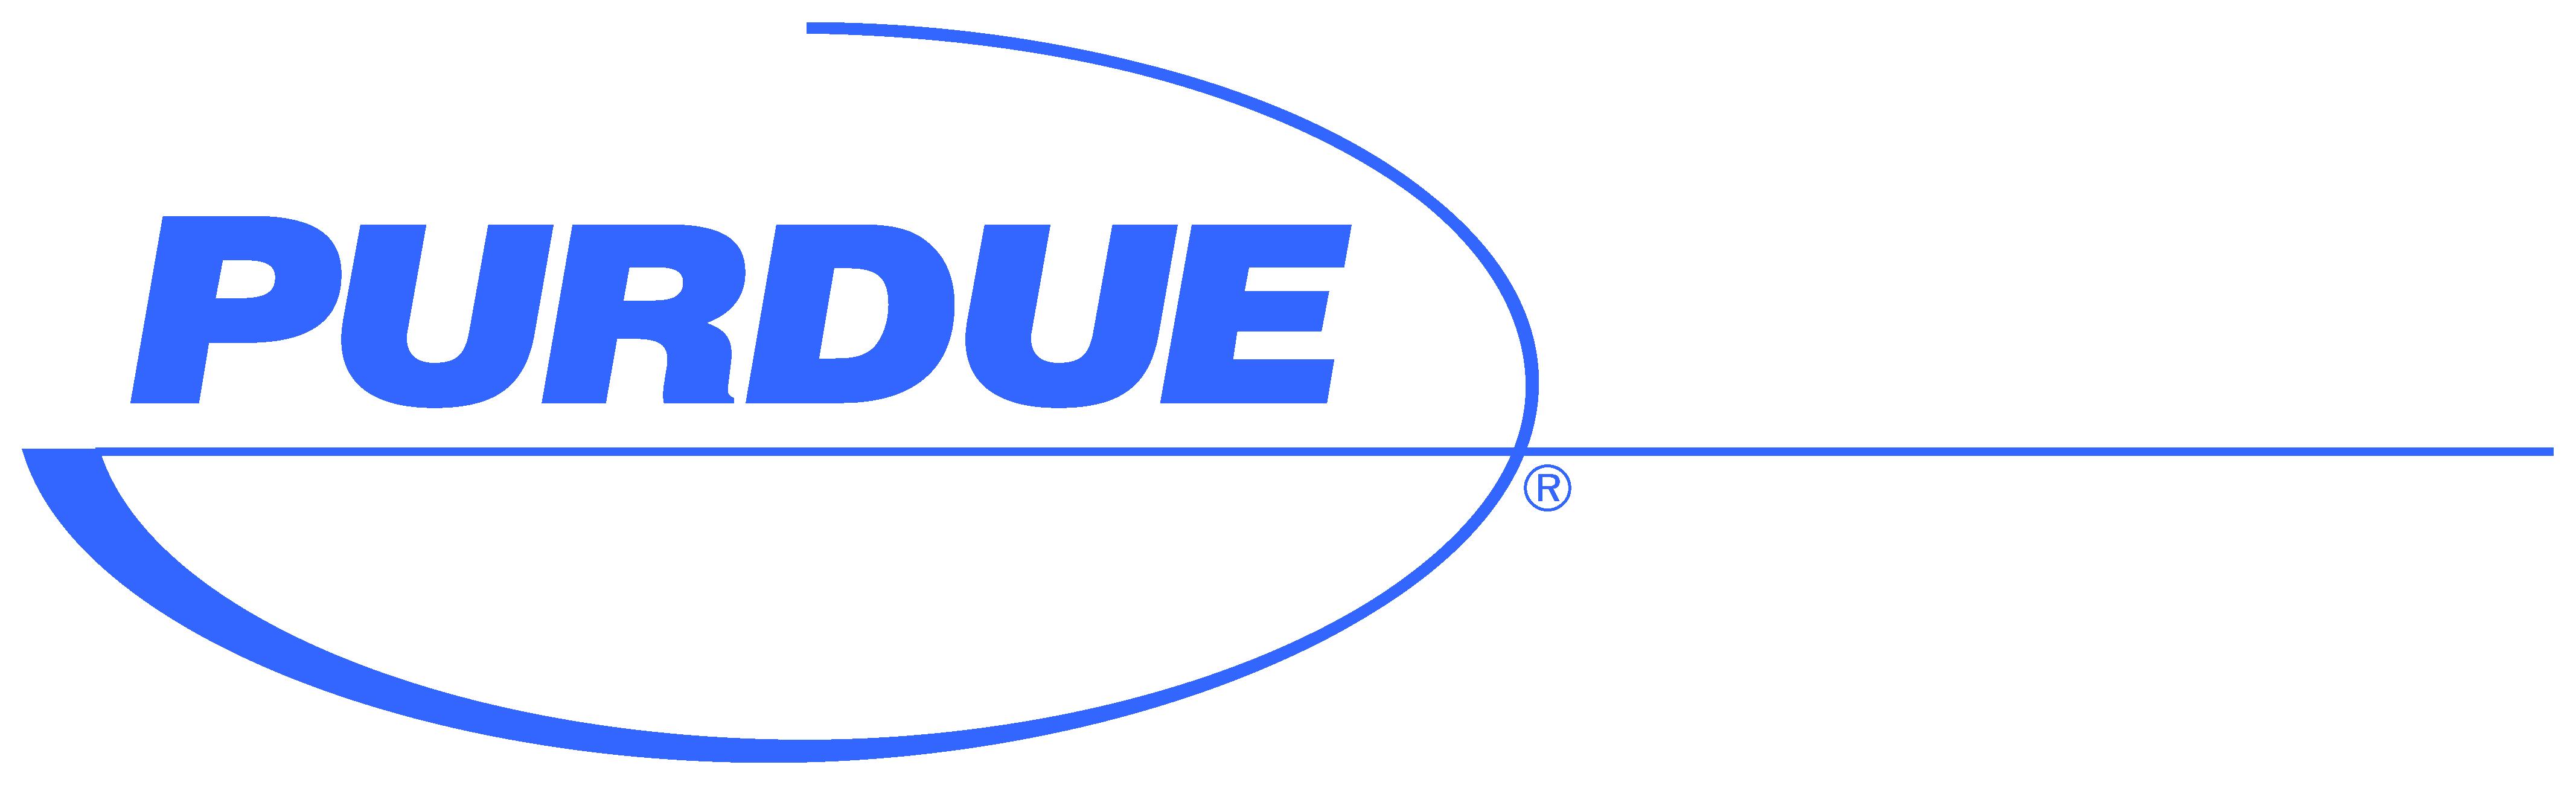 Purdue Pharma-01